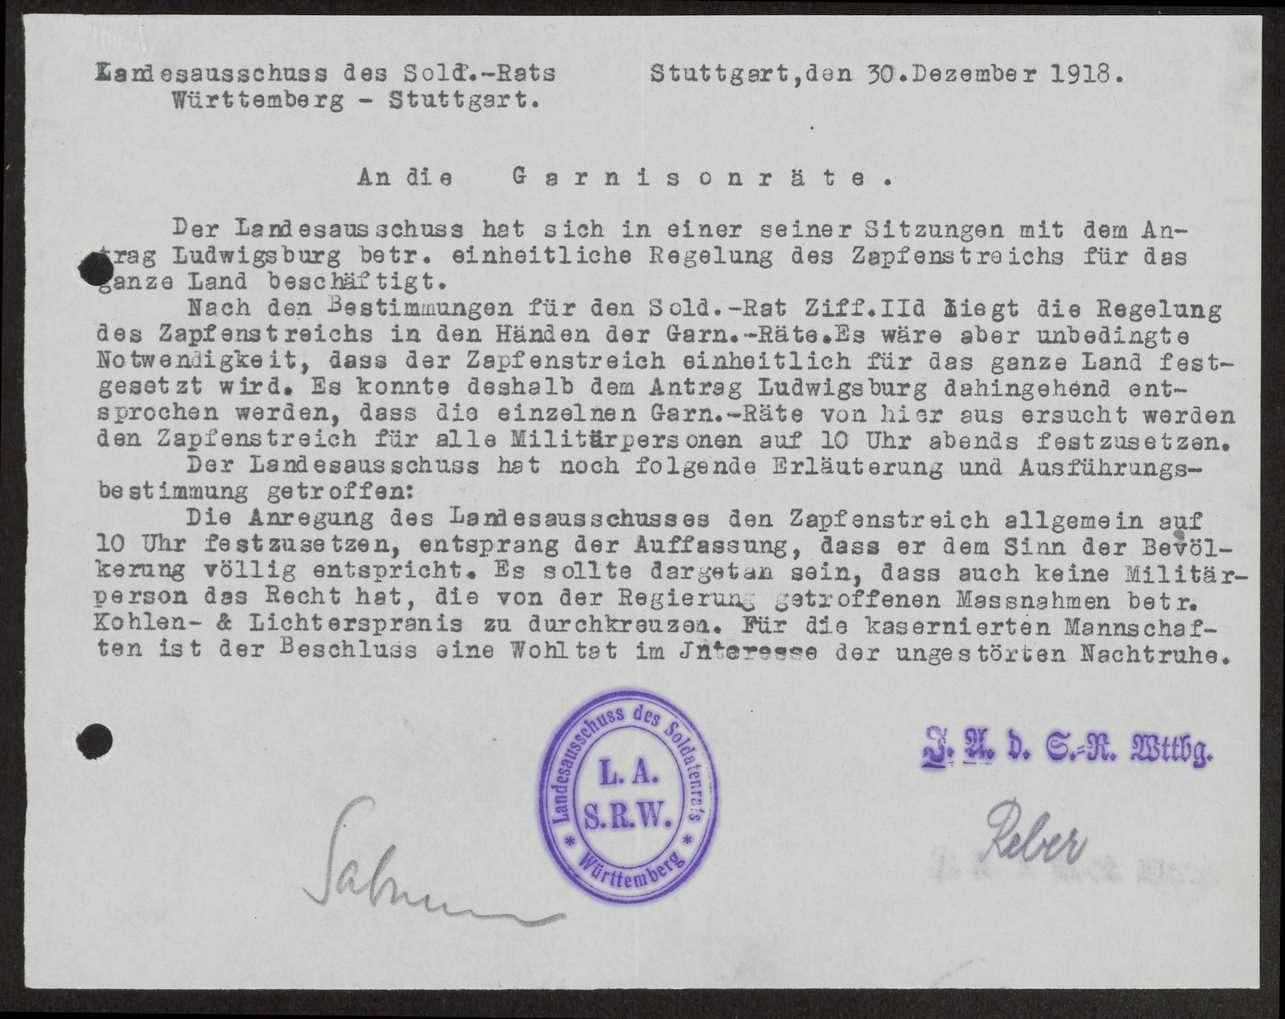 Festsetzung des Zapfenstreichs für den Bereich des XIII. Armeekorps, Bild 1